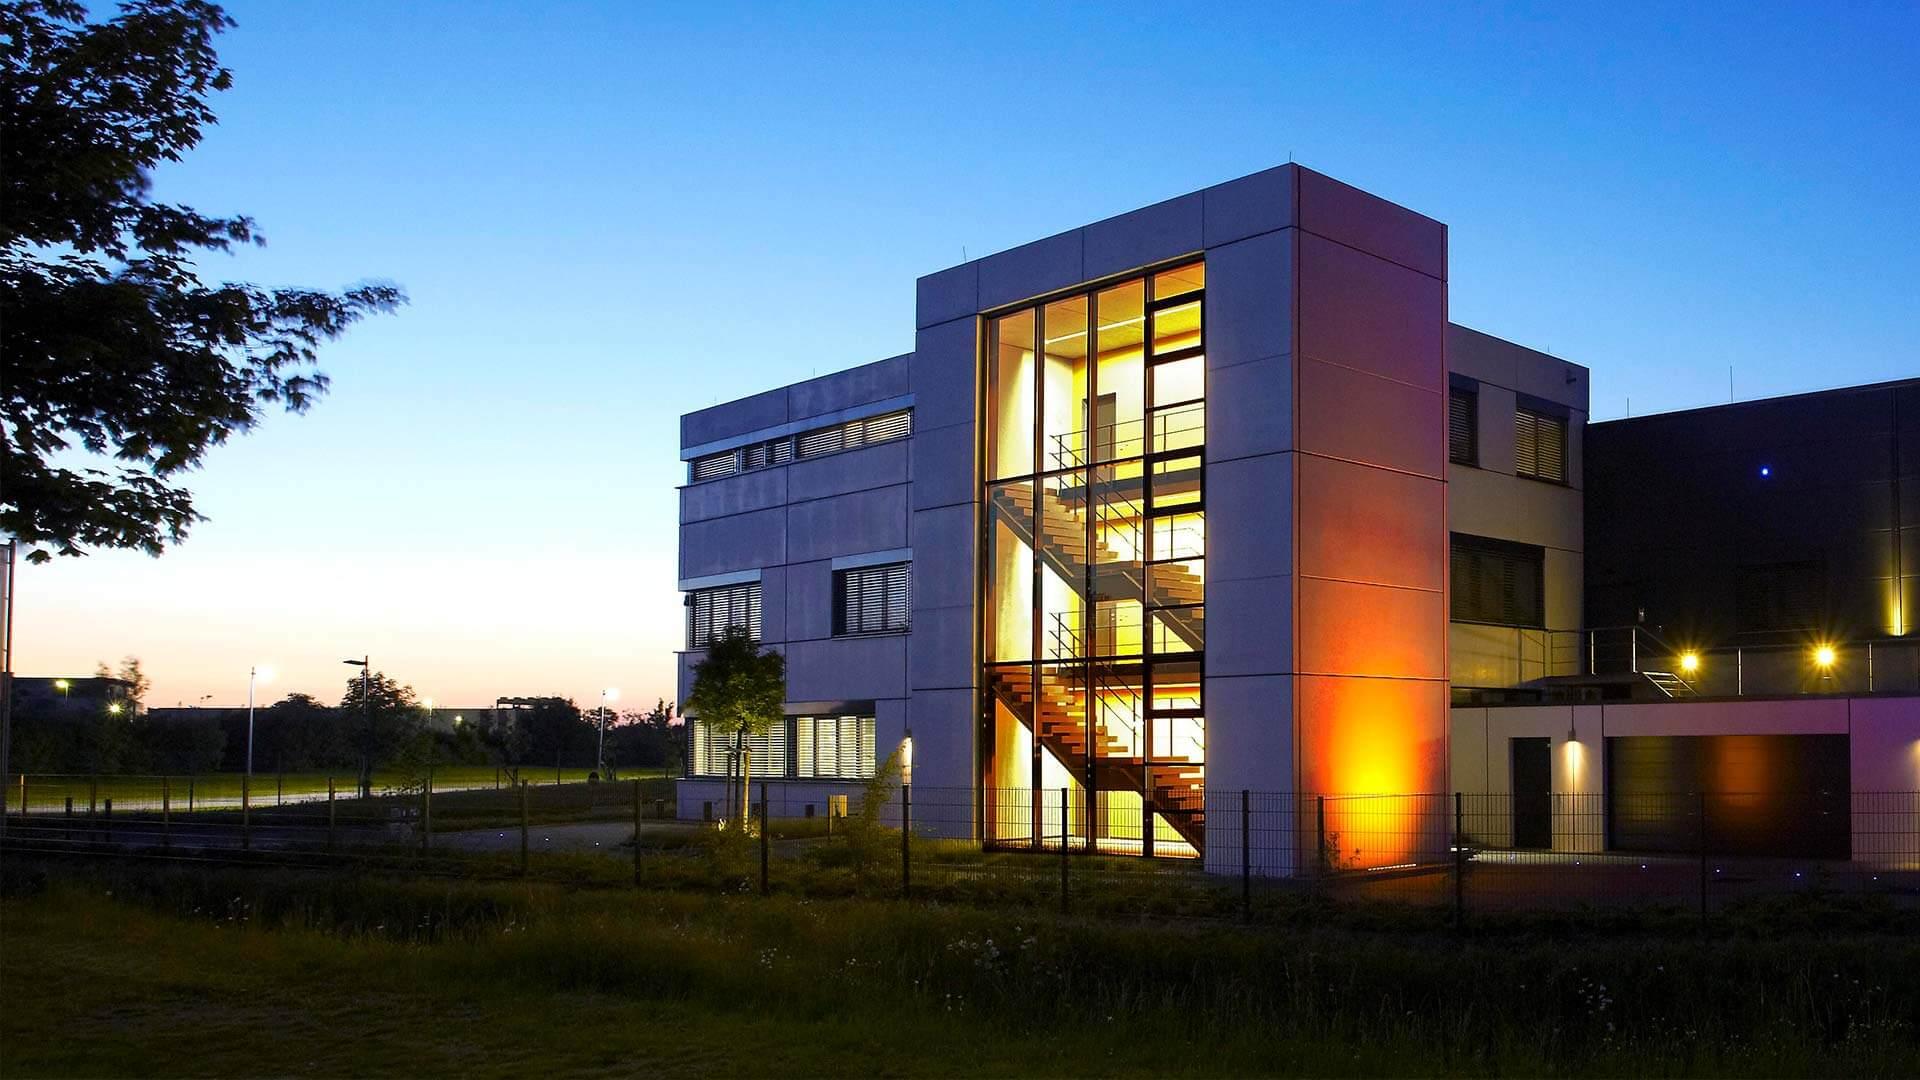 aixFOAM isolation acoustique - Le bâtiment de l'entreprise dans lequel sont fabriqués les absorbeurs de sons